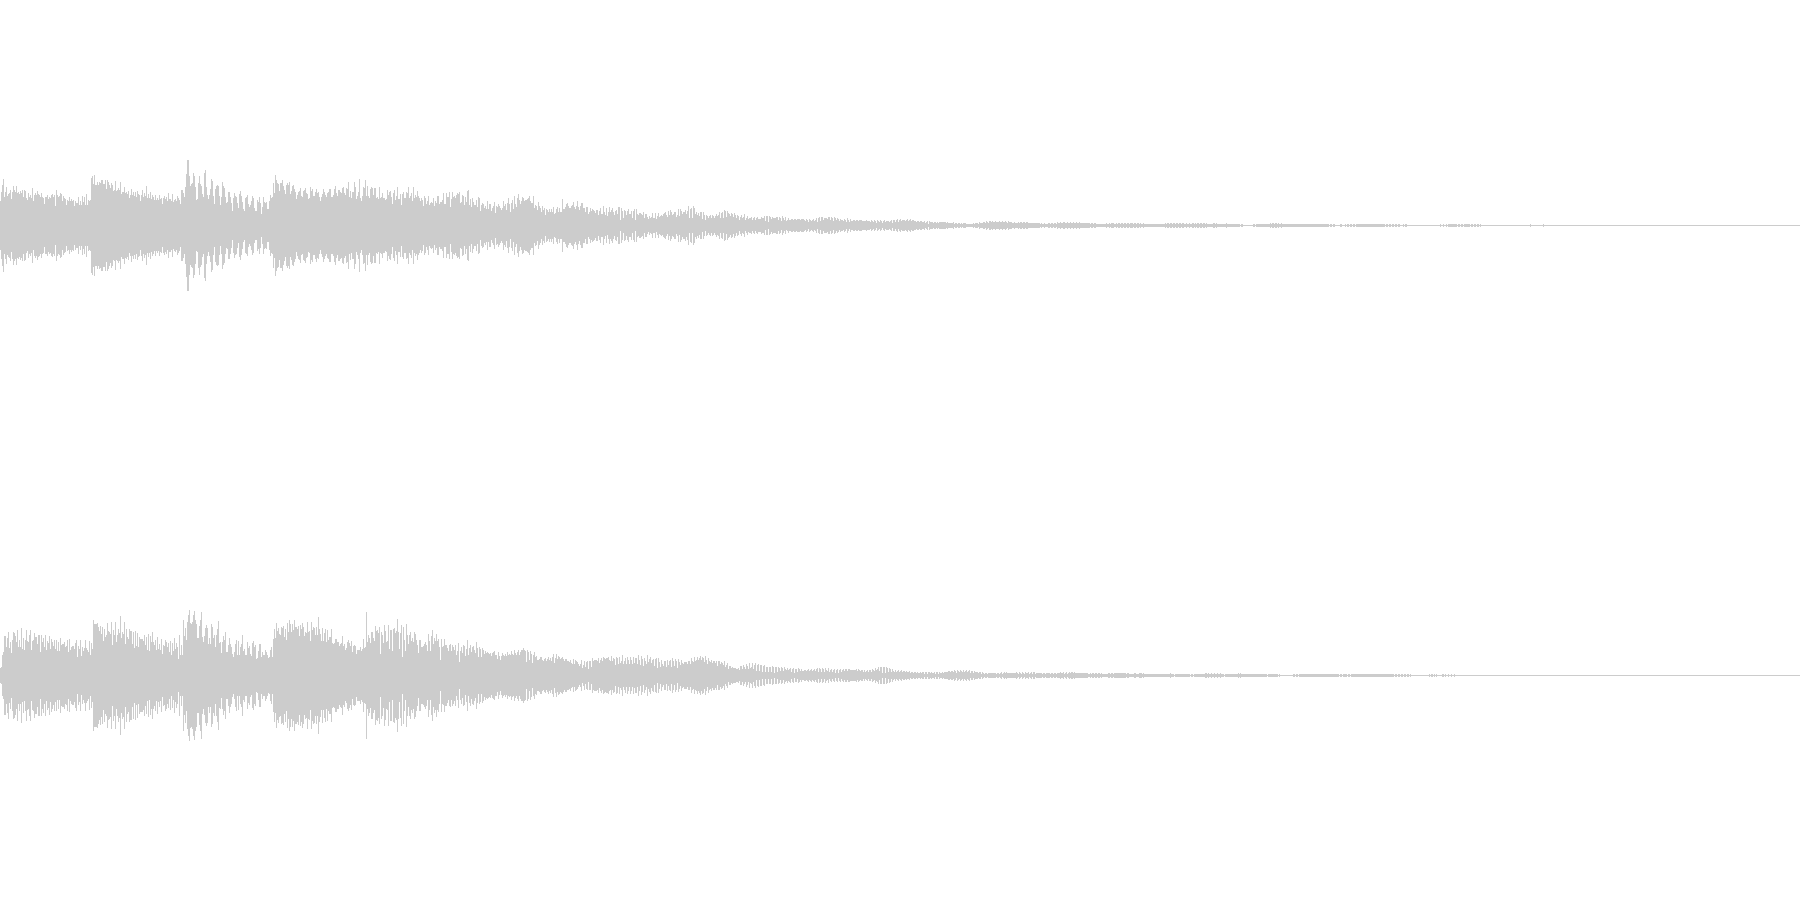 幻想的でミステリアスなピアノのスタート音の未再生の波形